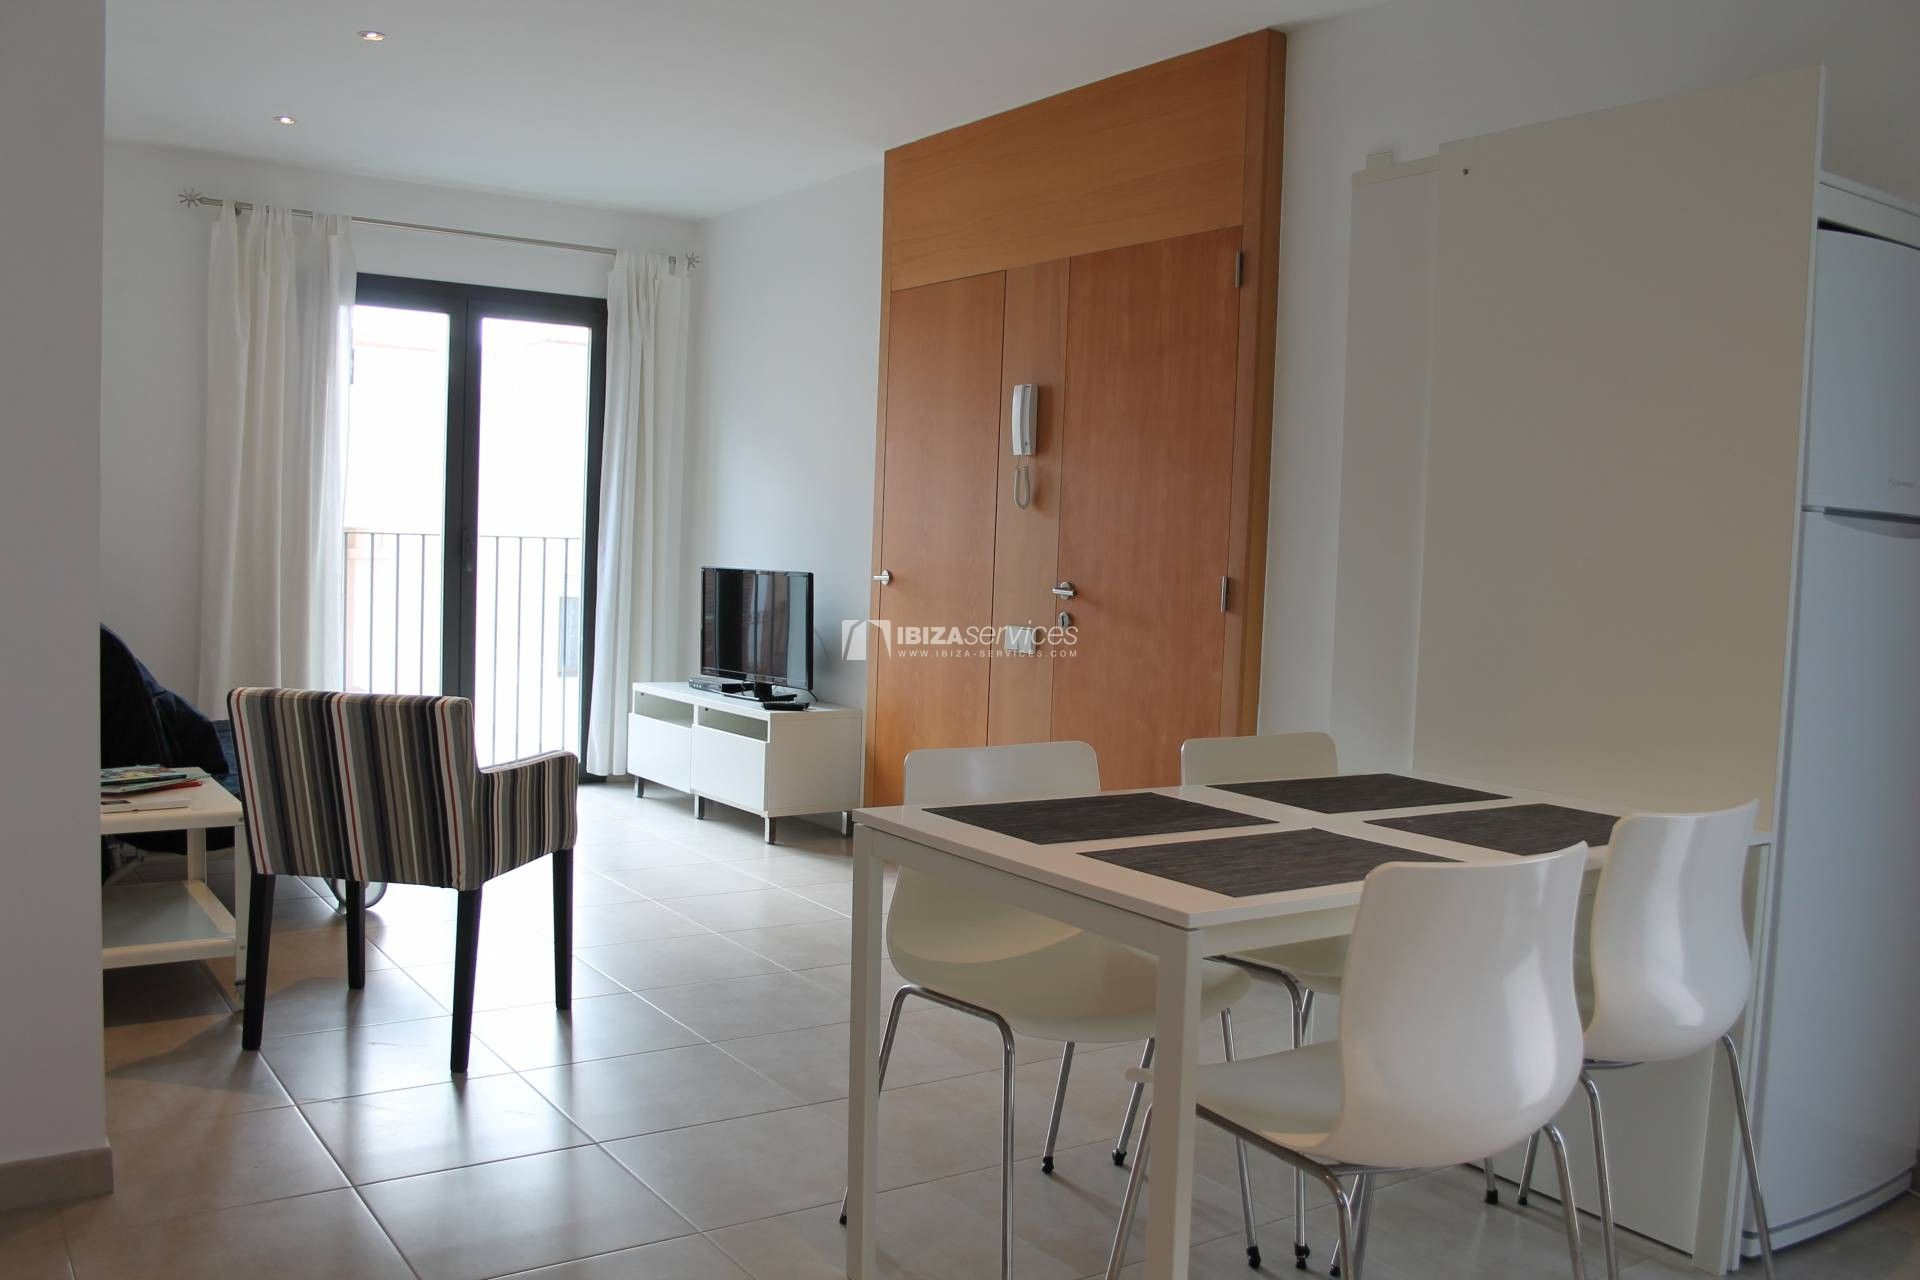 Alquiler De Temporada Ibiza Centro Ciudad Vara De Rey Apartamentos Alquiler Casas